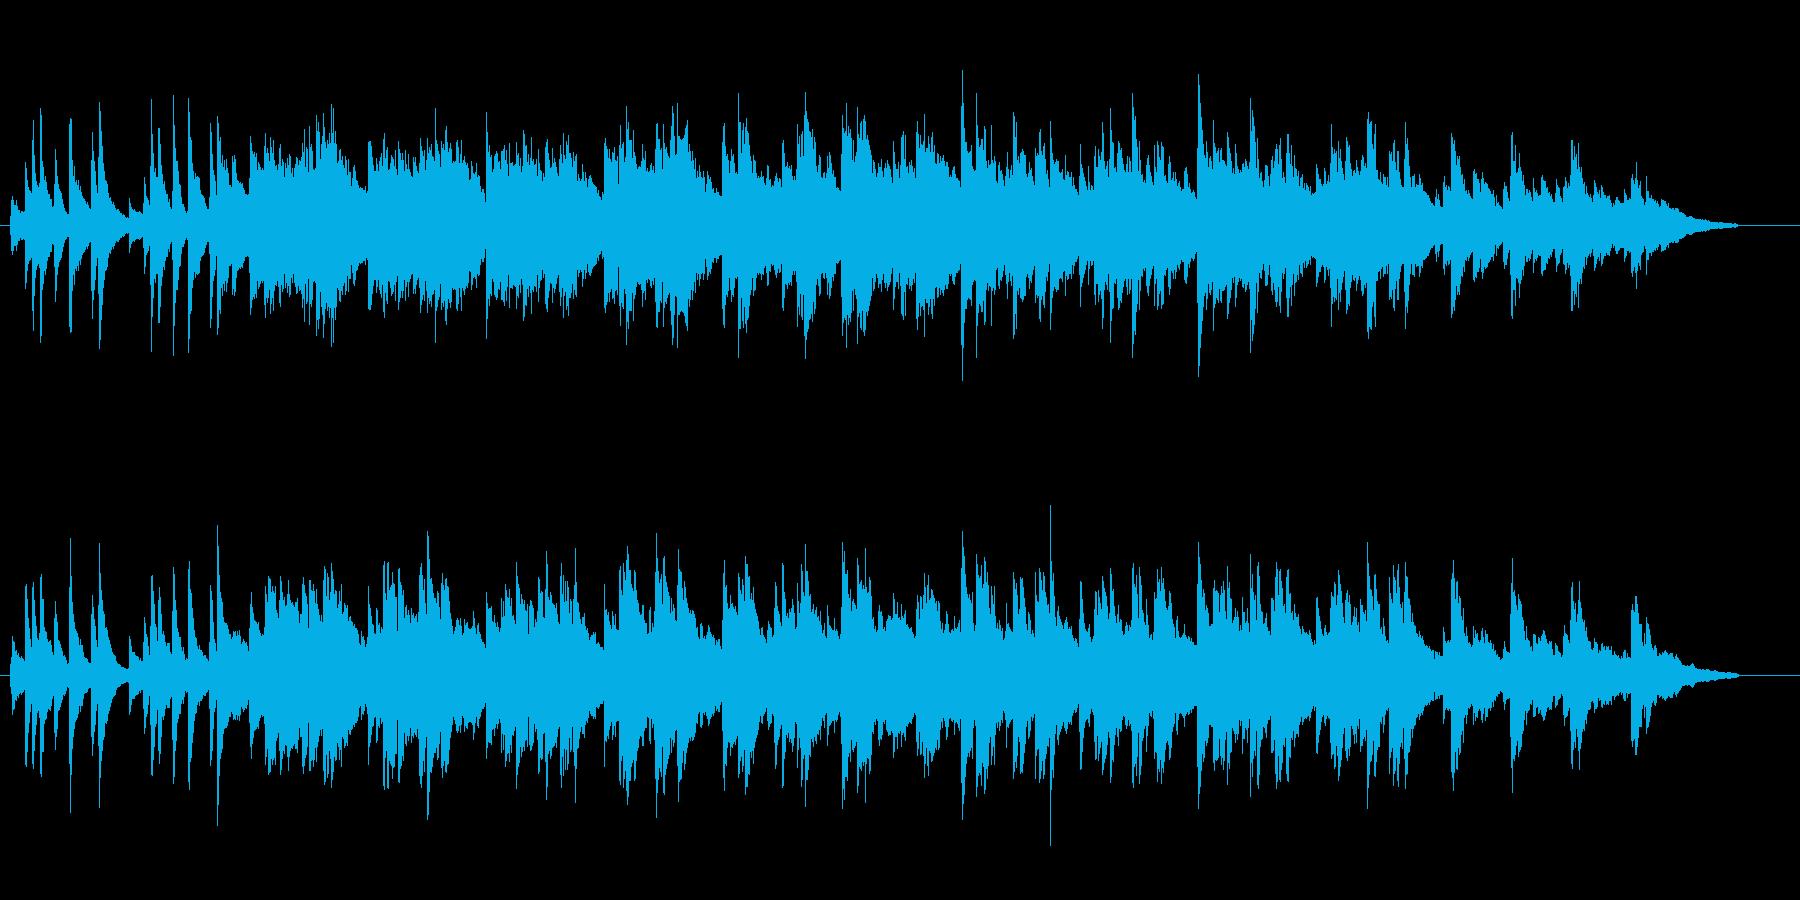 郷愁を感じる夏のピアノ曲 (short)の再生済みの波形